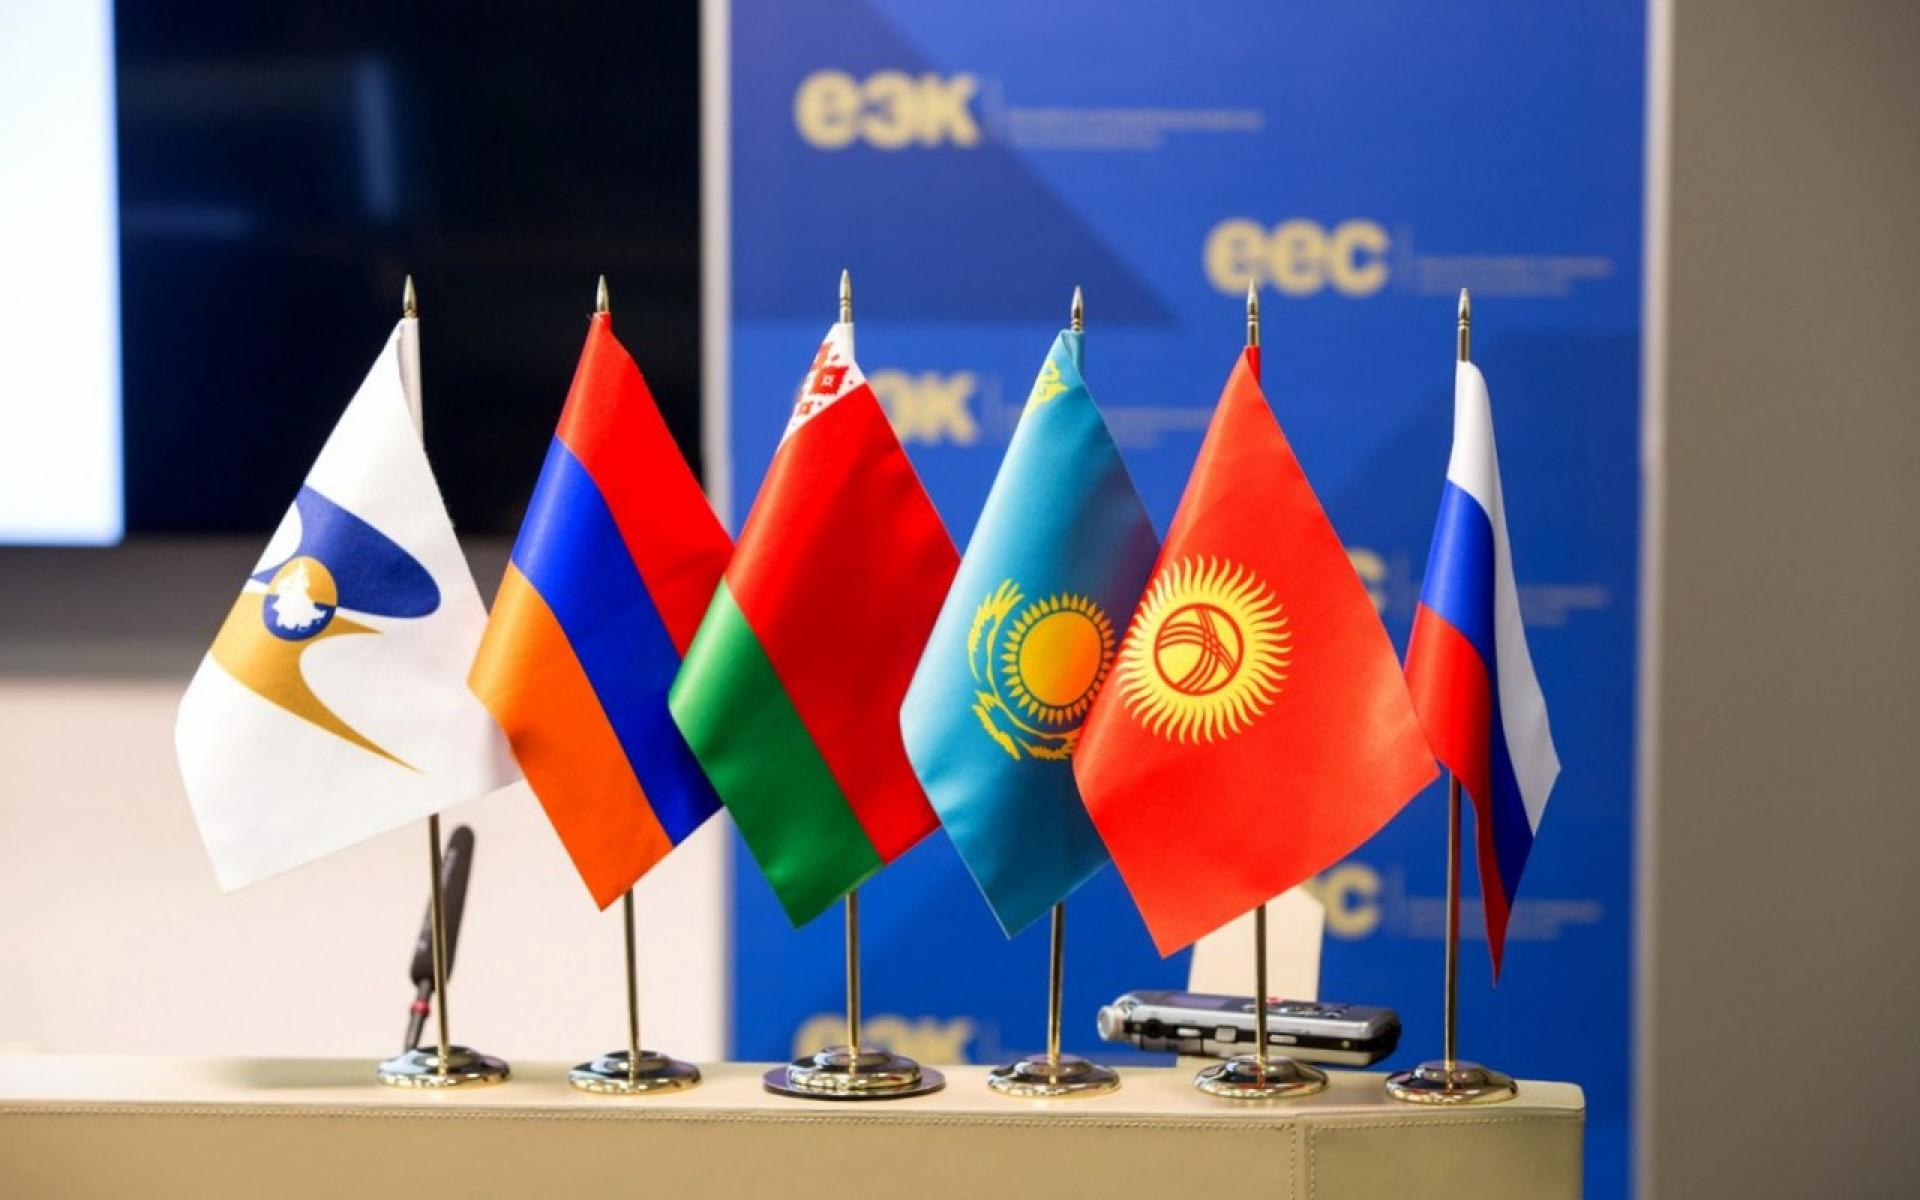 По мере развития ЕАЭС со стороны молодежи растет интерес к интеграционному проекту